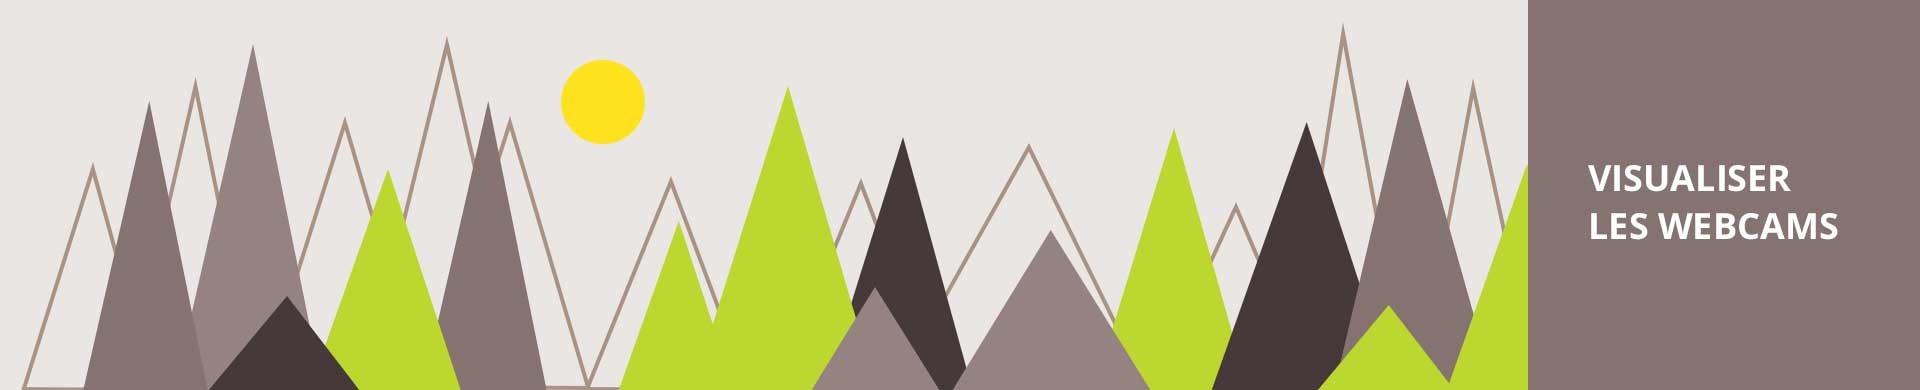 Webcam brabant - La bresse hautes vosges